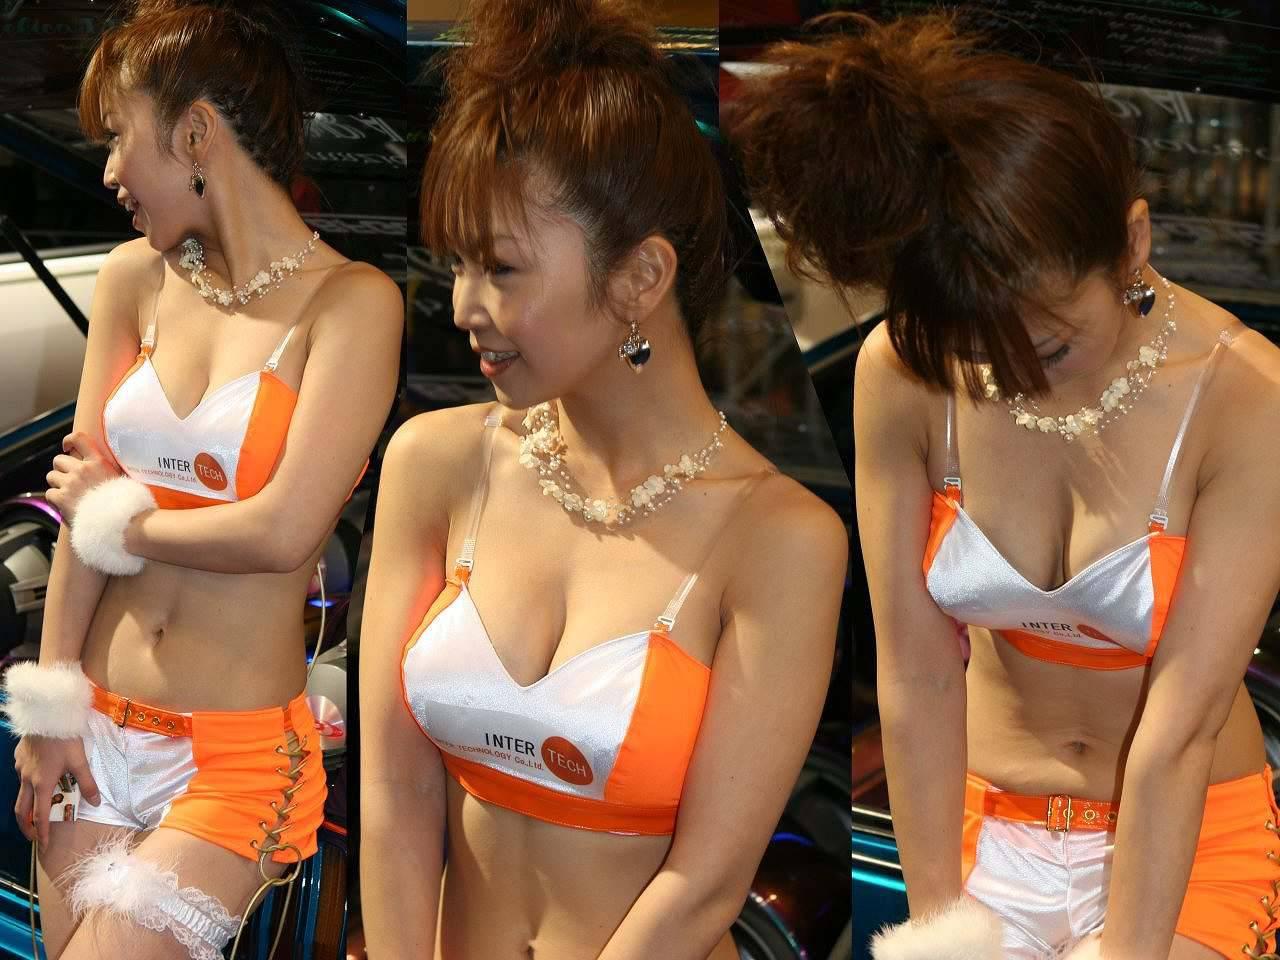 【キャンギャルエロ画像】この乳を見に来た!おっぱい目立ったキャンギャル達www 15